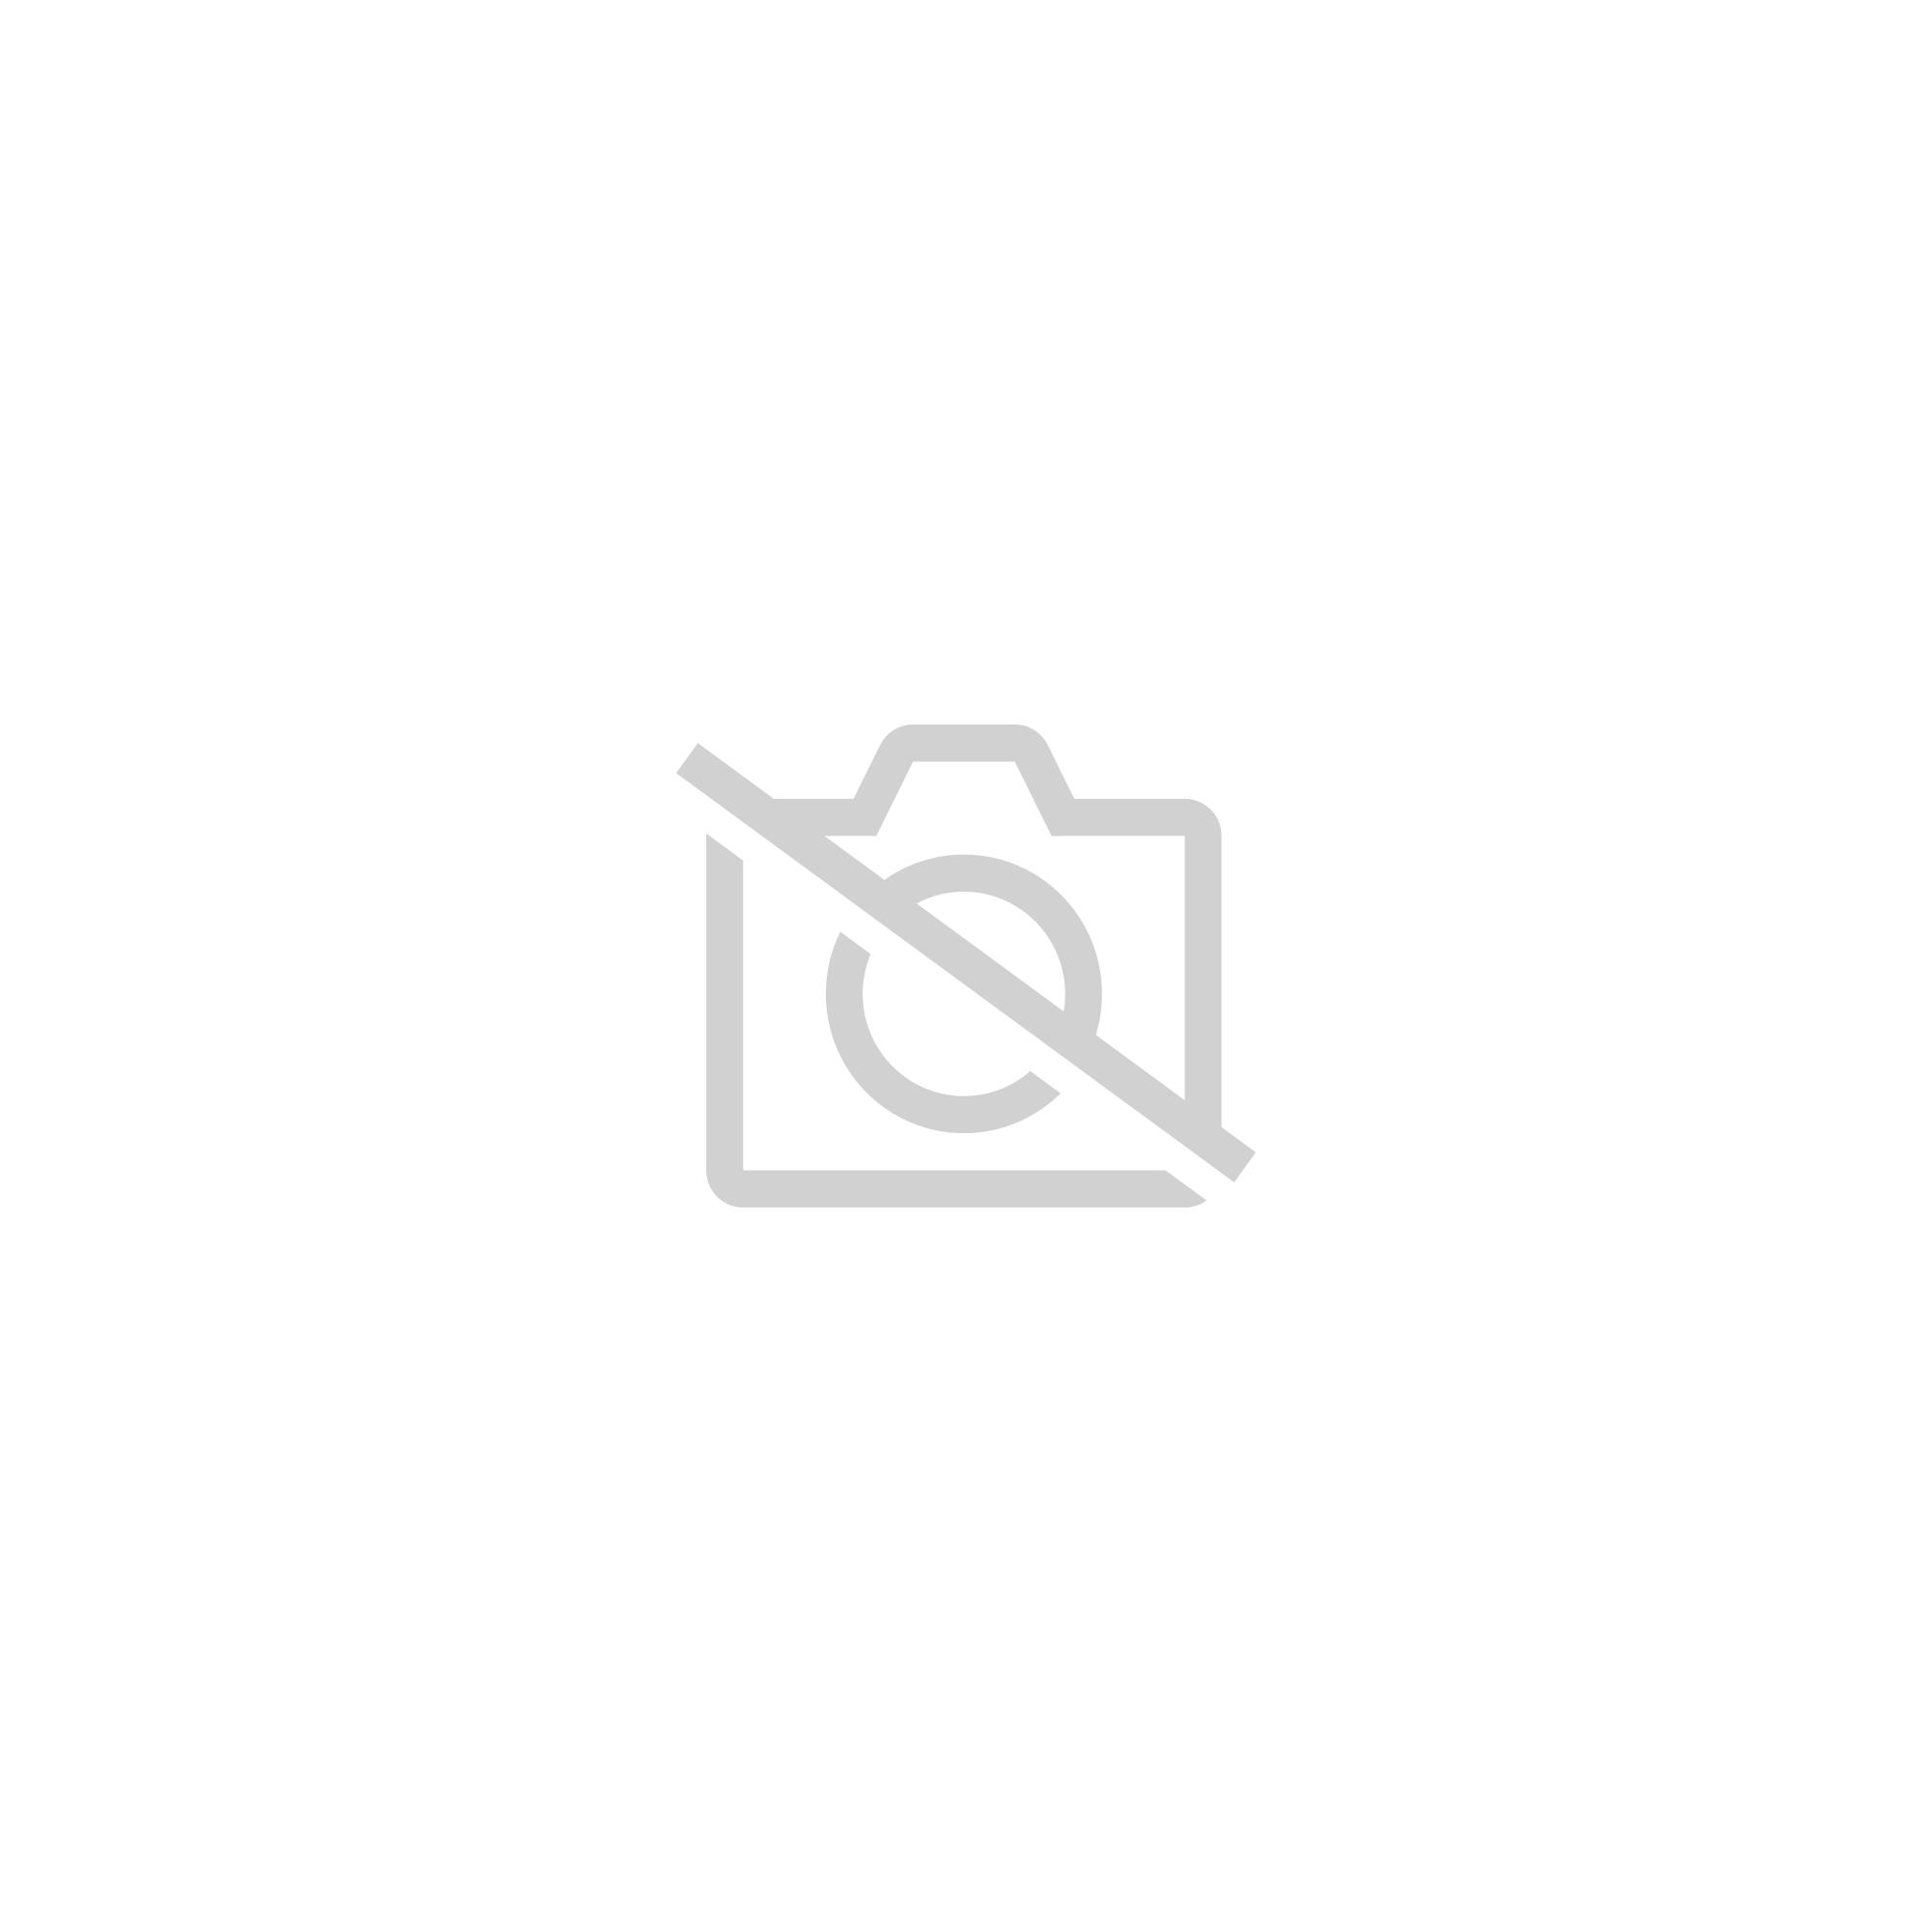 """0.95 """"Podomètre Fitness Tracker Smart Bracelet Artérielle De La Fréquence Cardiaque Montre Moniteur De Pression Intelligent Bracelet Sport Activité Bande"""